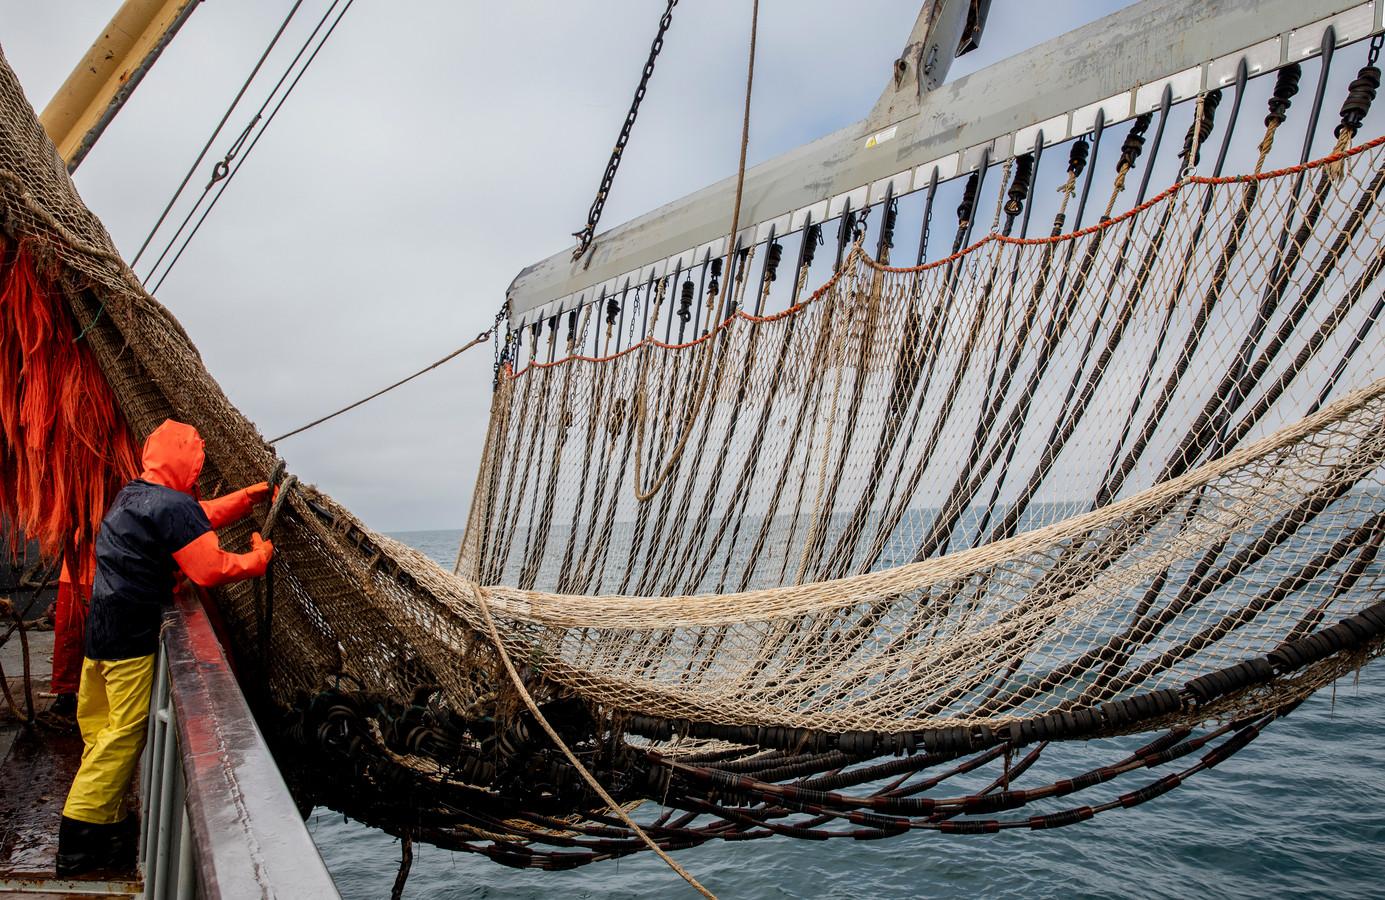 Pulsvissers op de TX38 aan het werk. Het Europees Parlement stemde vorig jaar voor een totaalverbod op pulsvissen.